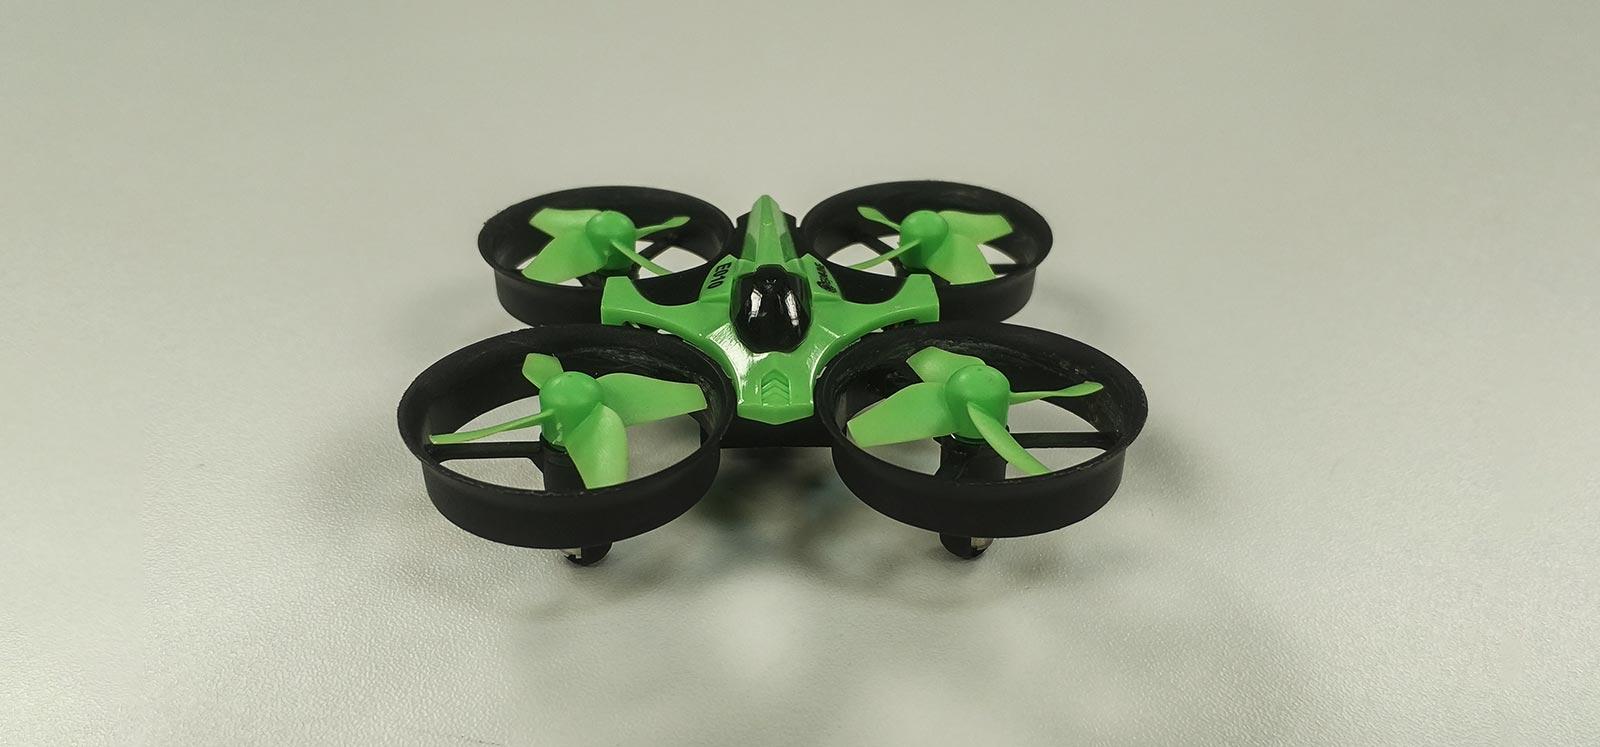 drones para niños de 8 años eachine e010